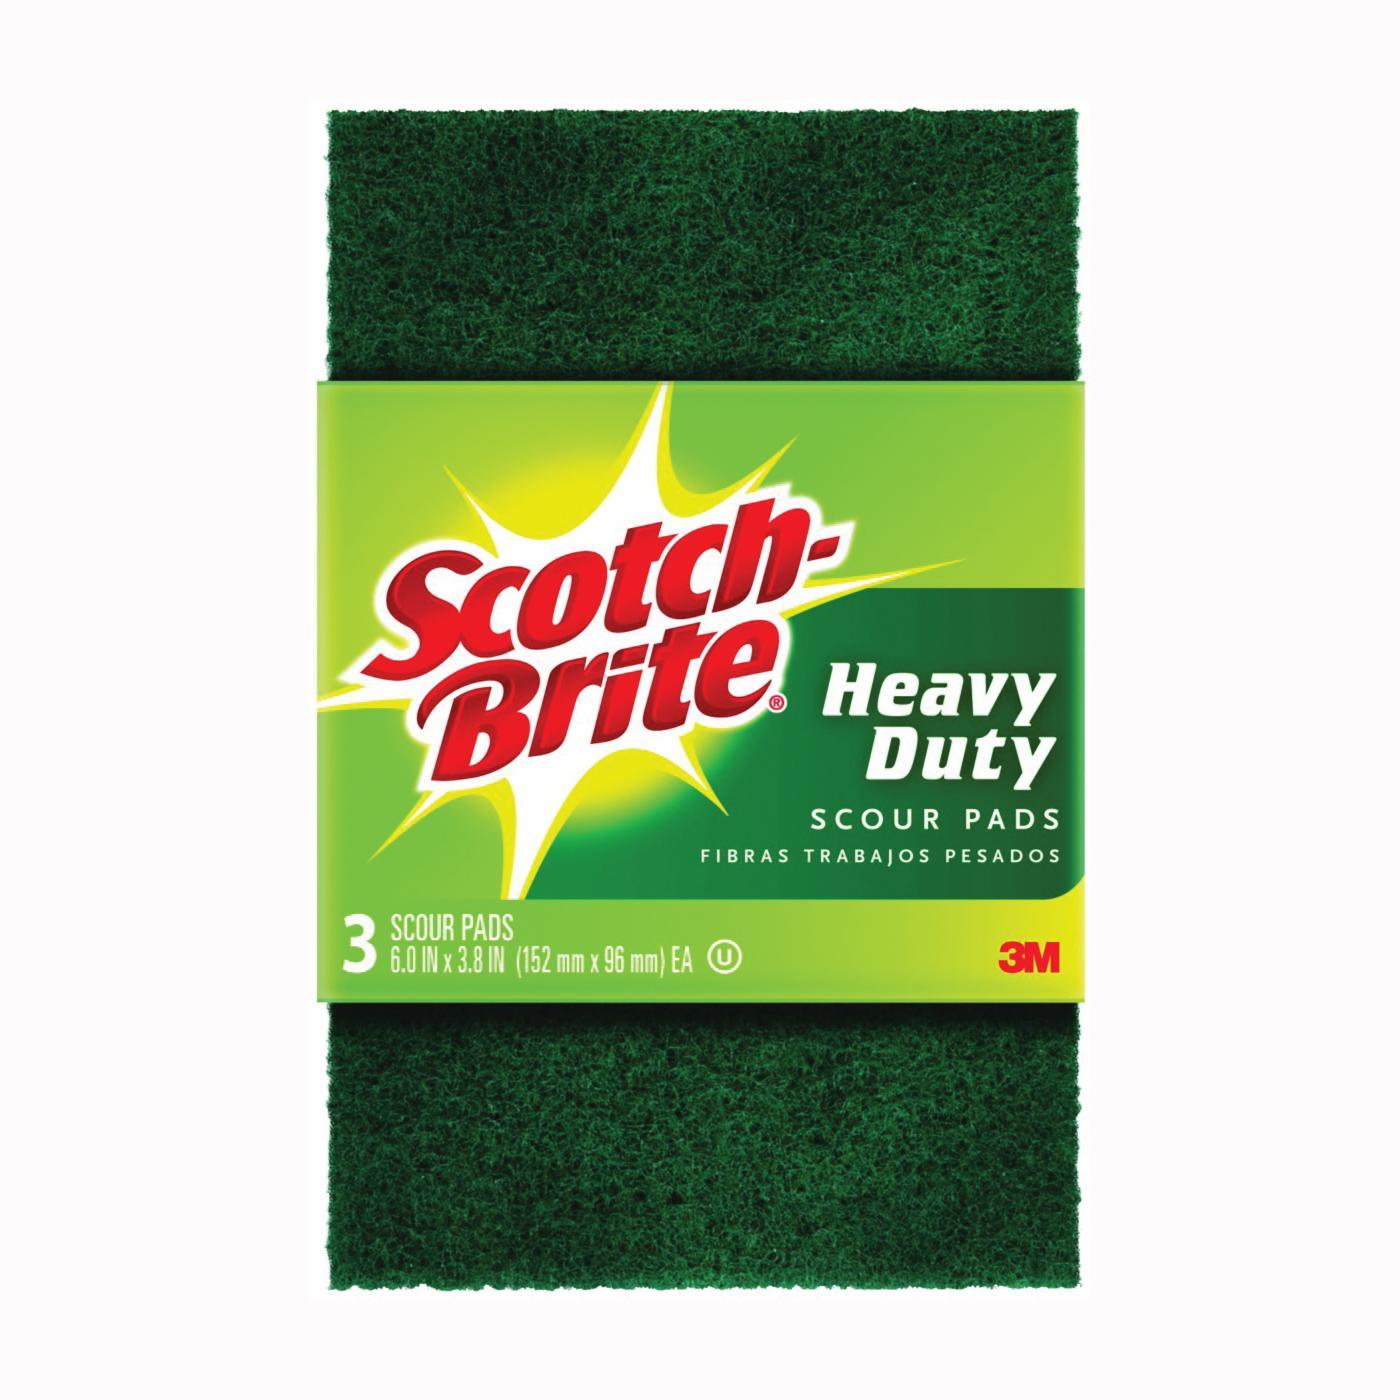 Scotch-Brite 223-7